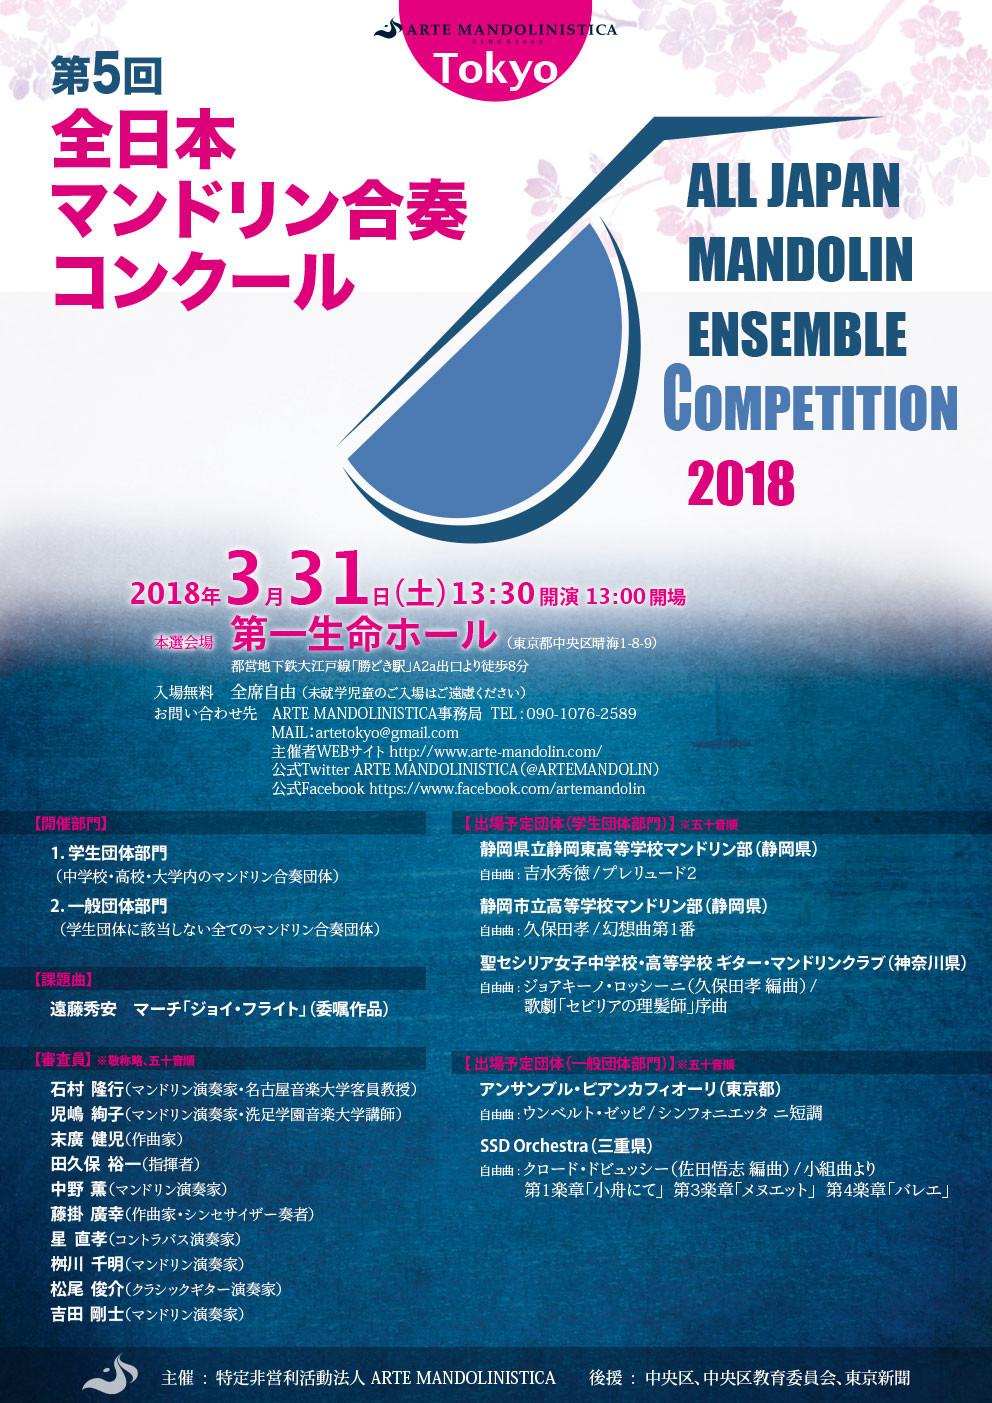 18_mandolin_compe_2